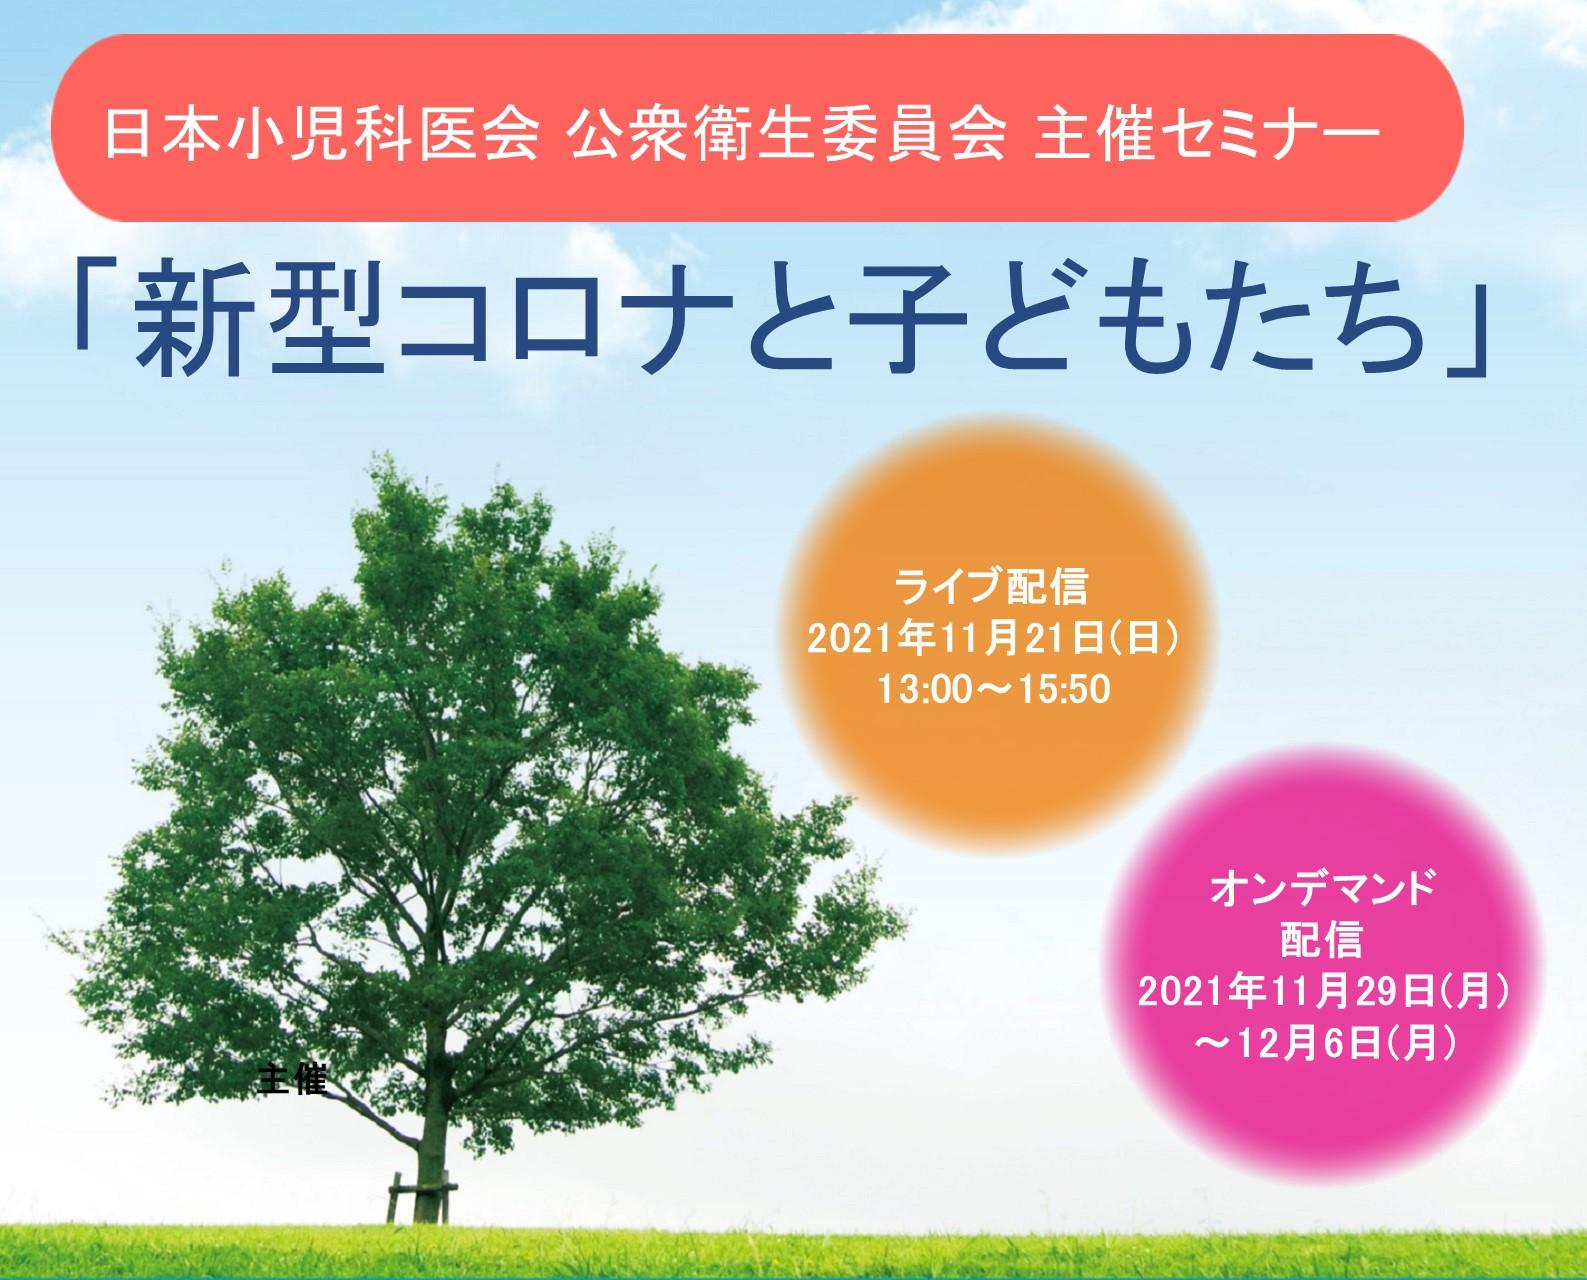 日本小児科医会 公衆衛生委員会主催セミナー「新型コロナと子どもたち」<WEB開催>のご案内